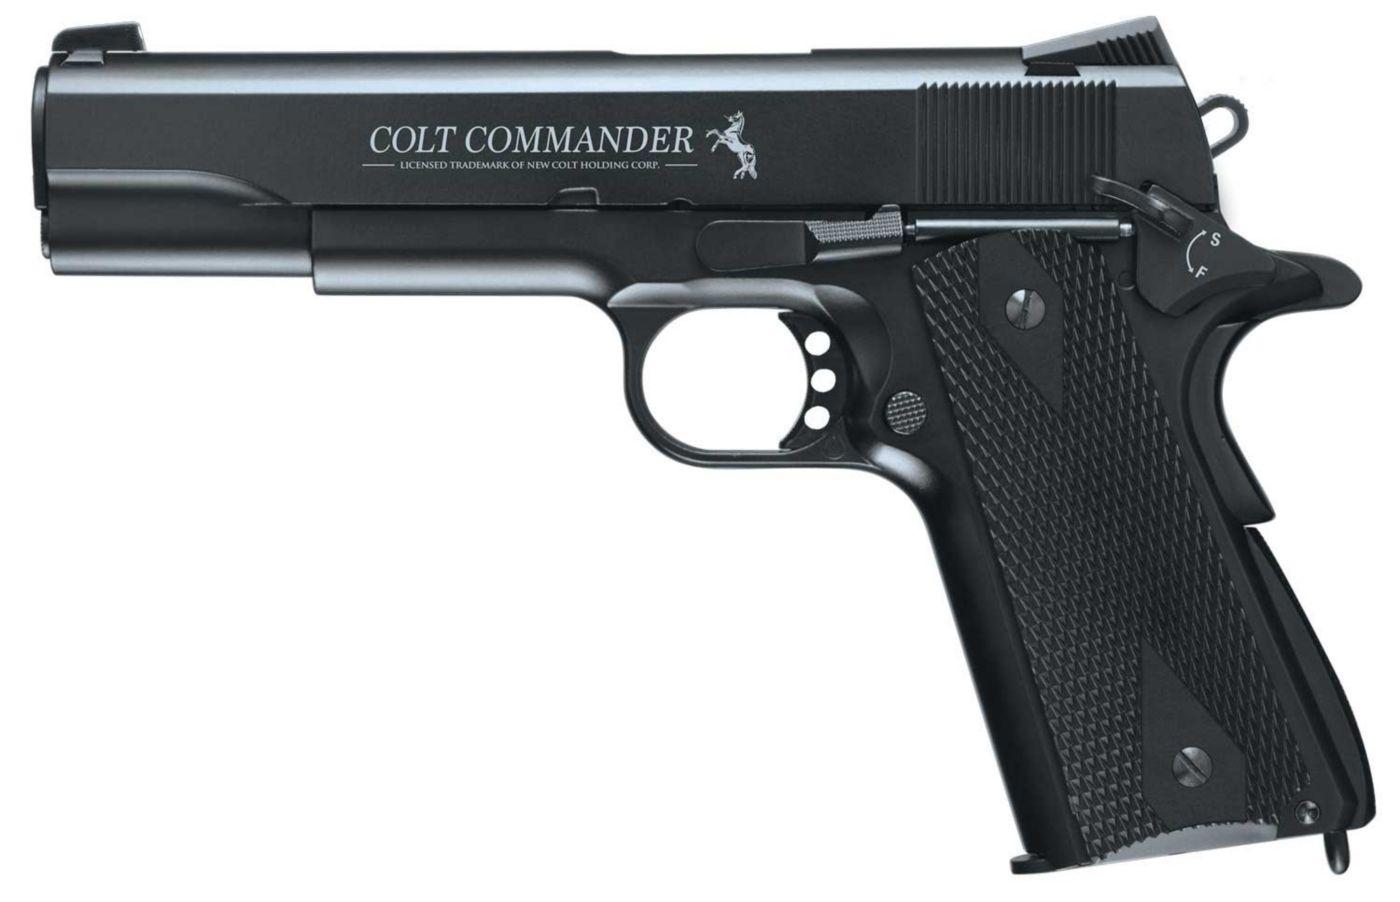 Colt Commander .177 Cal BB Gun